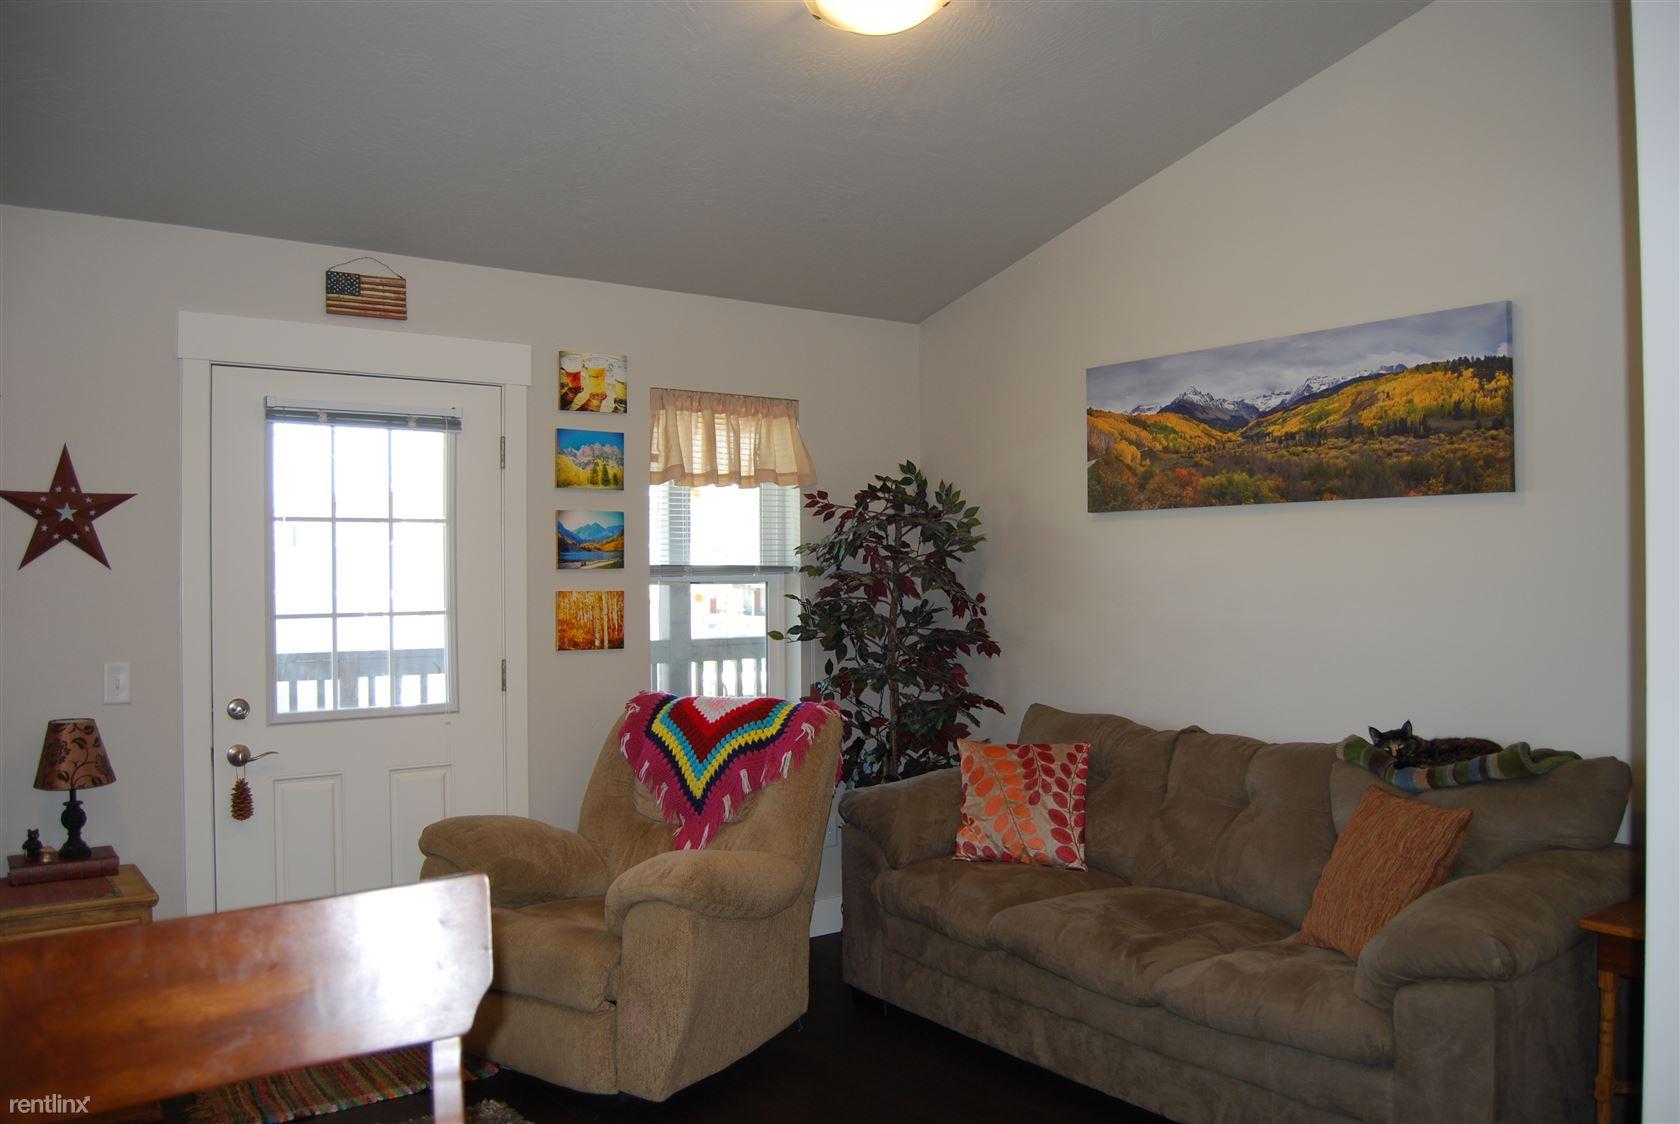 3rd St. W. For Rent Missoula, MT  (8)